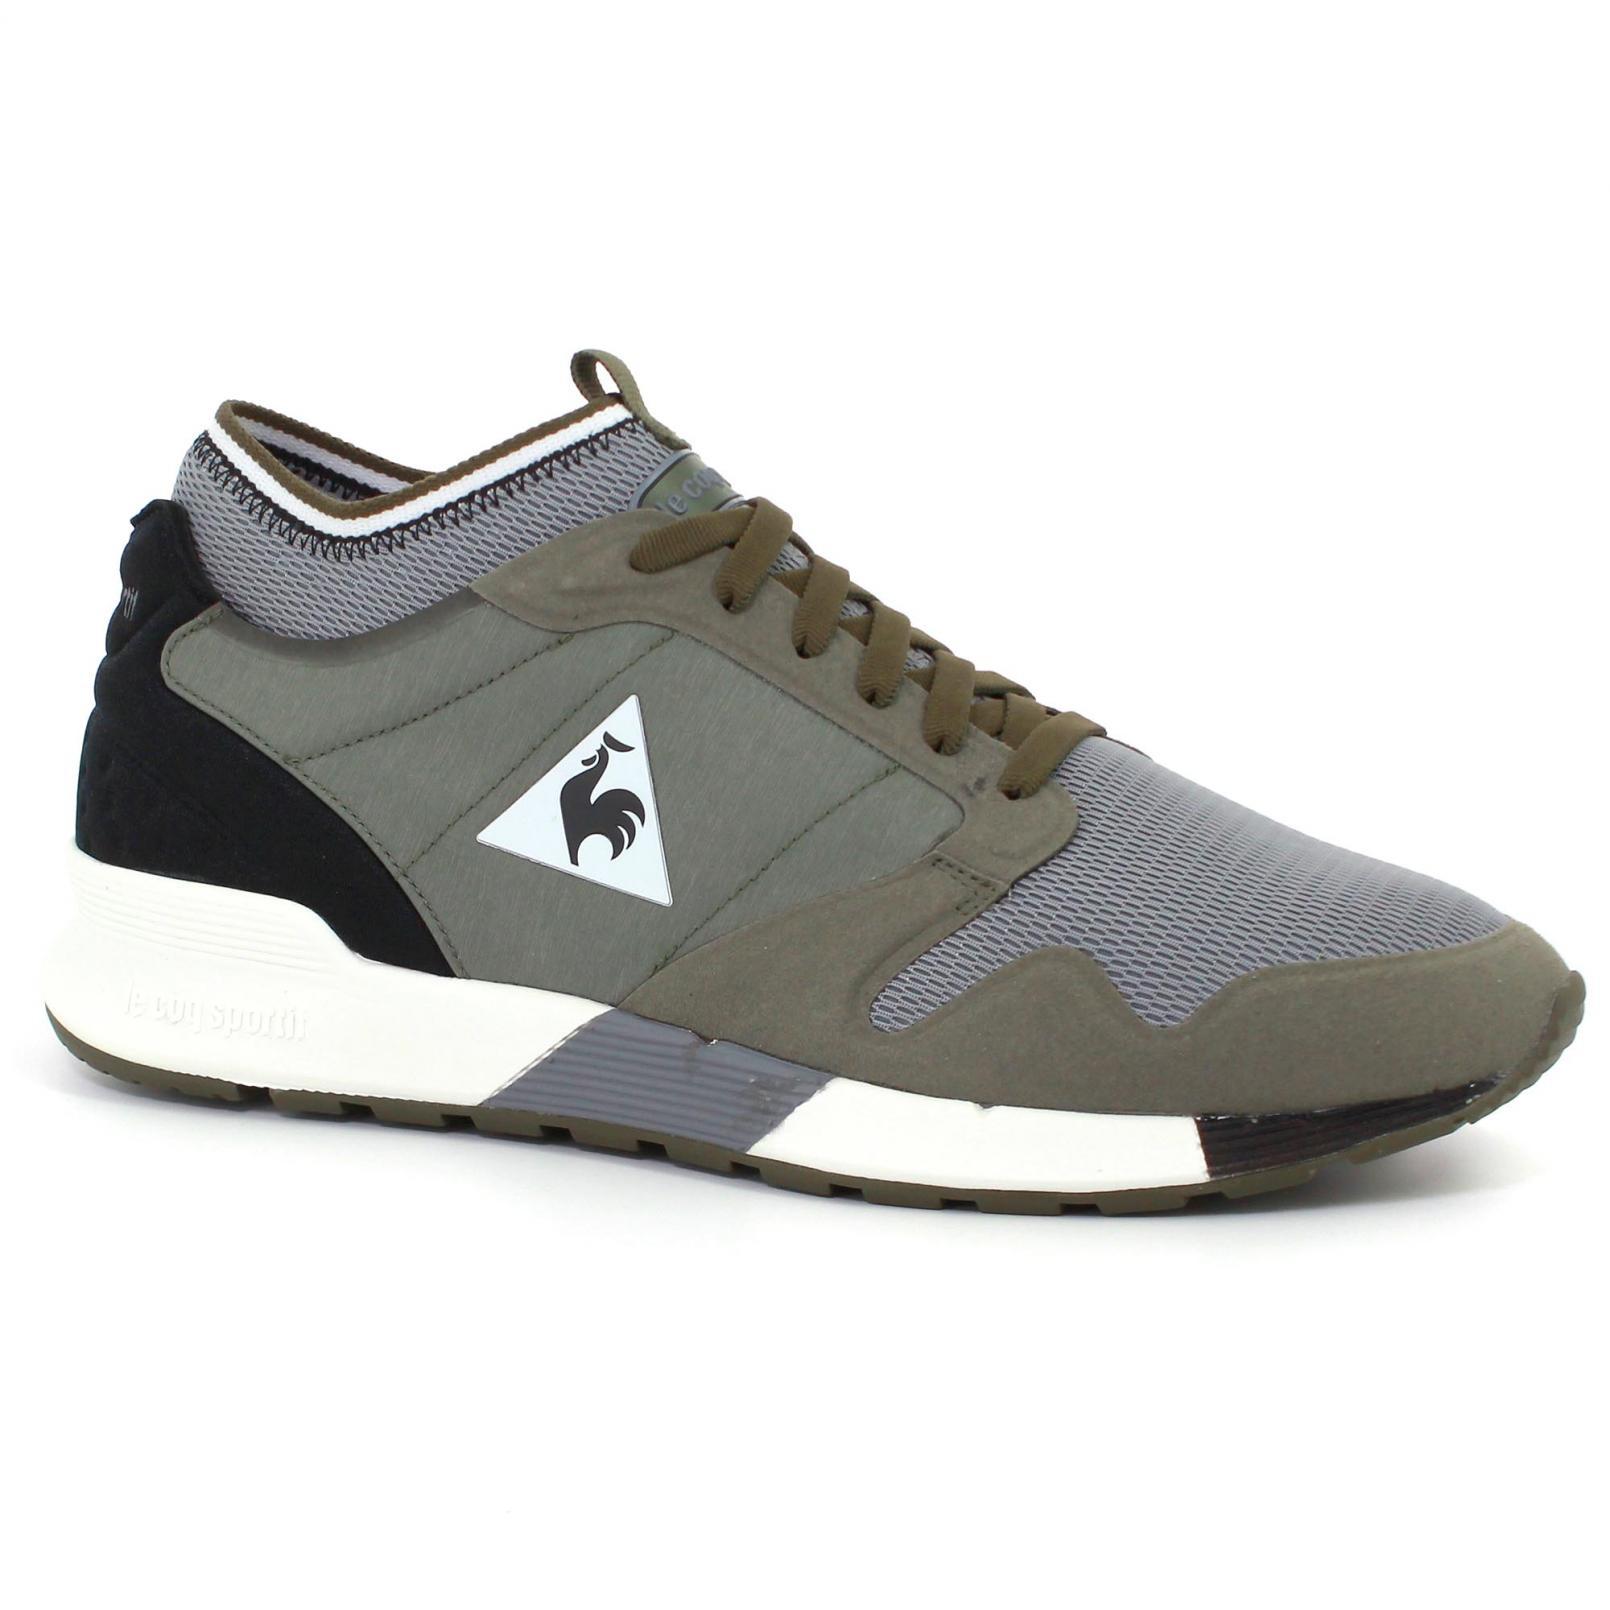 Shoes – Le Coq Sportif Omicron Techlite Green/Black